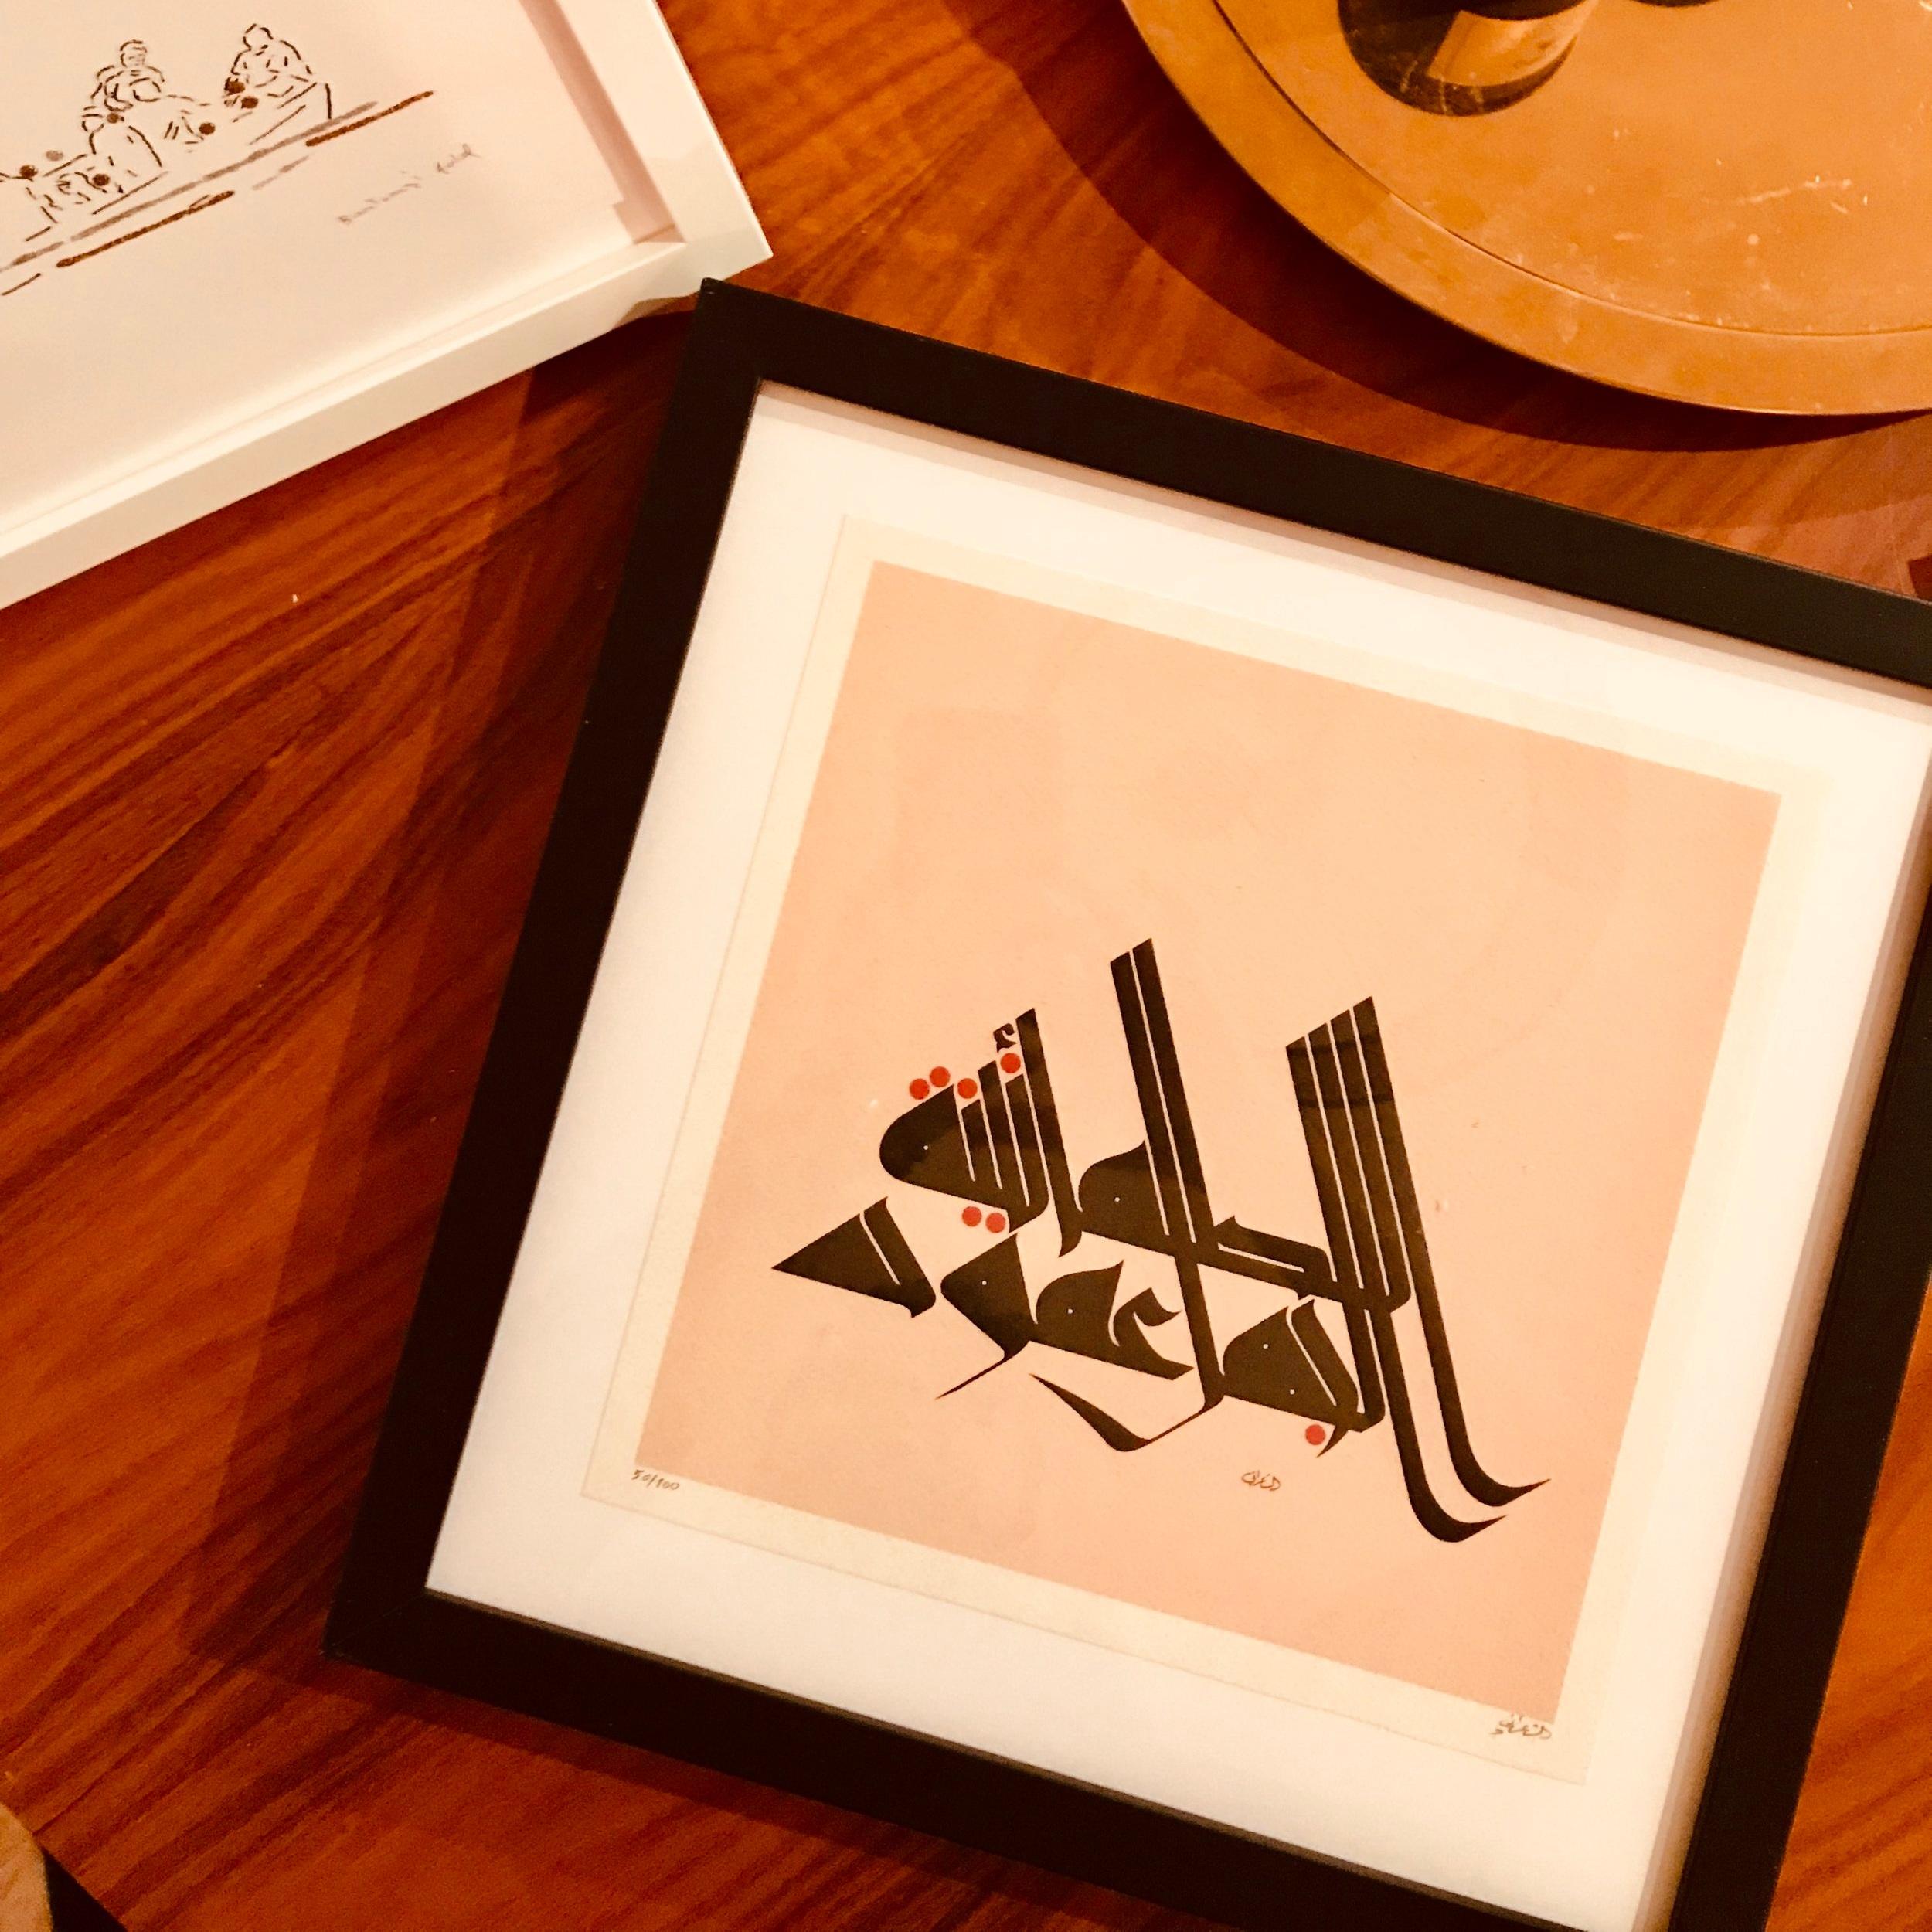 mouneer-al-shaarani-graphic-print-calligraphy